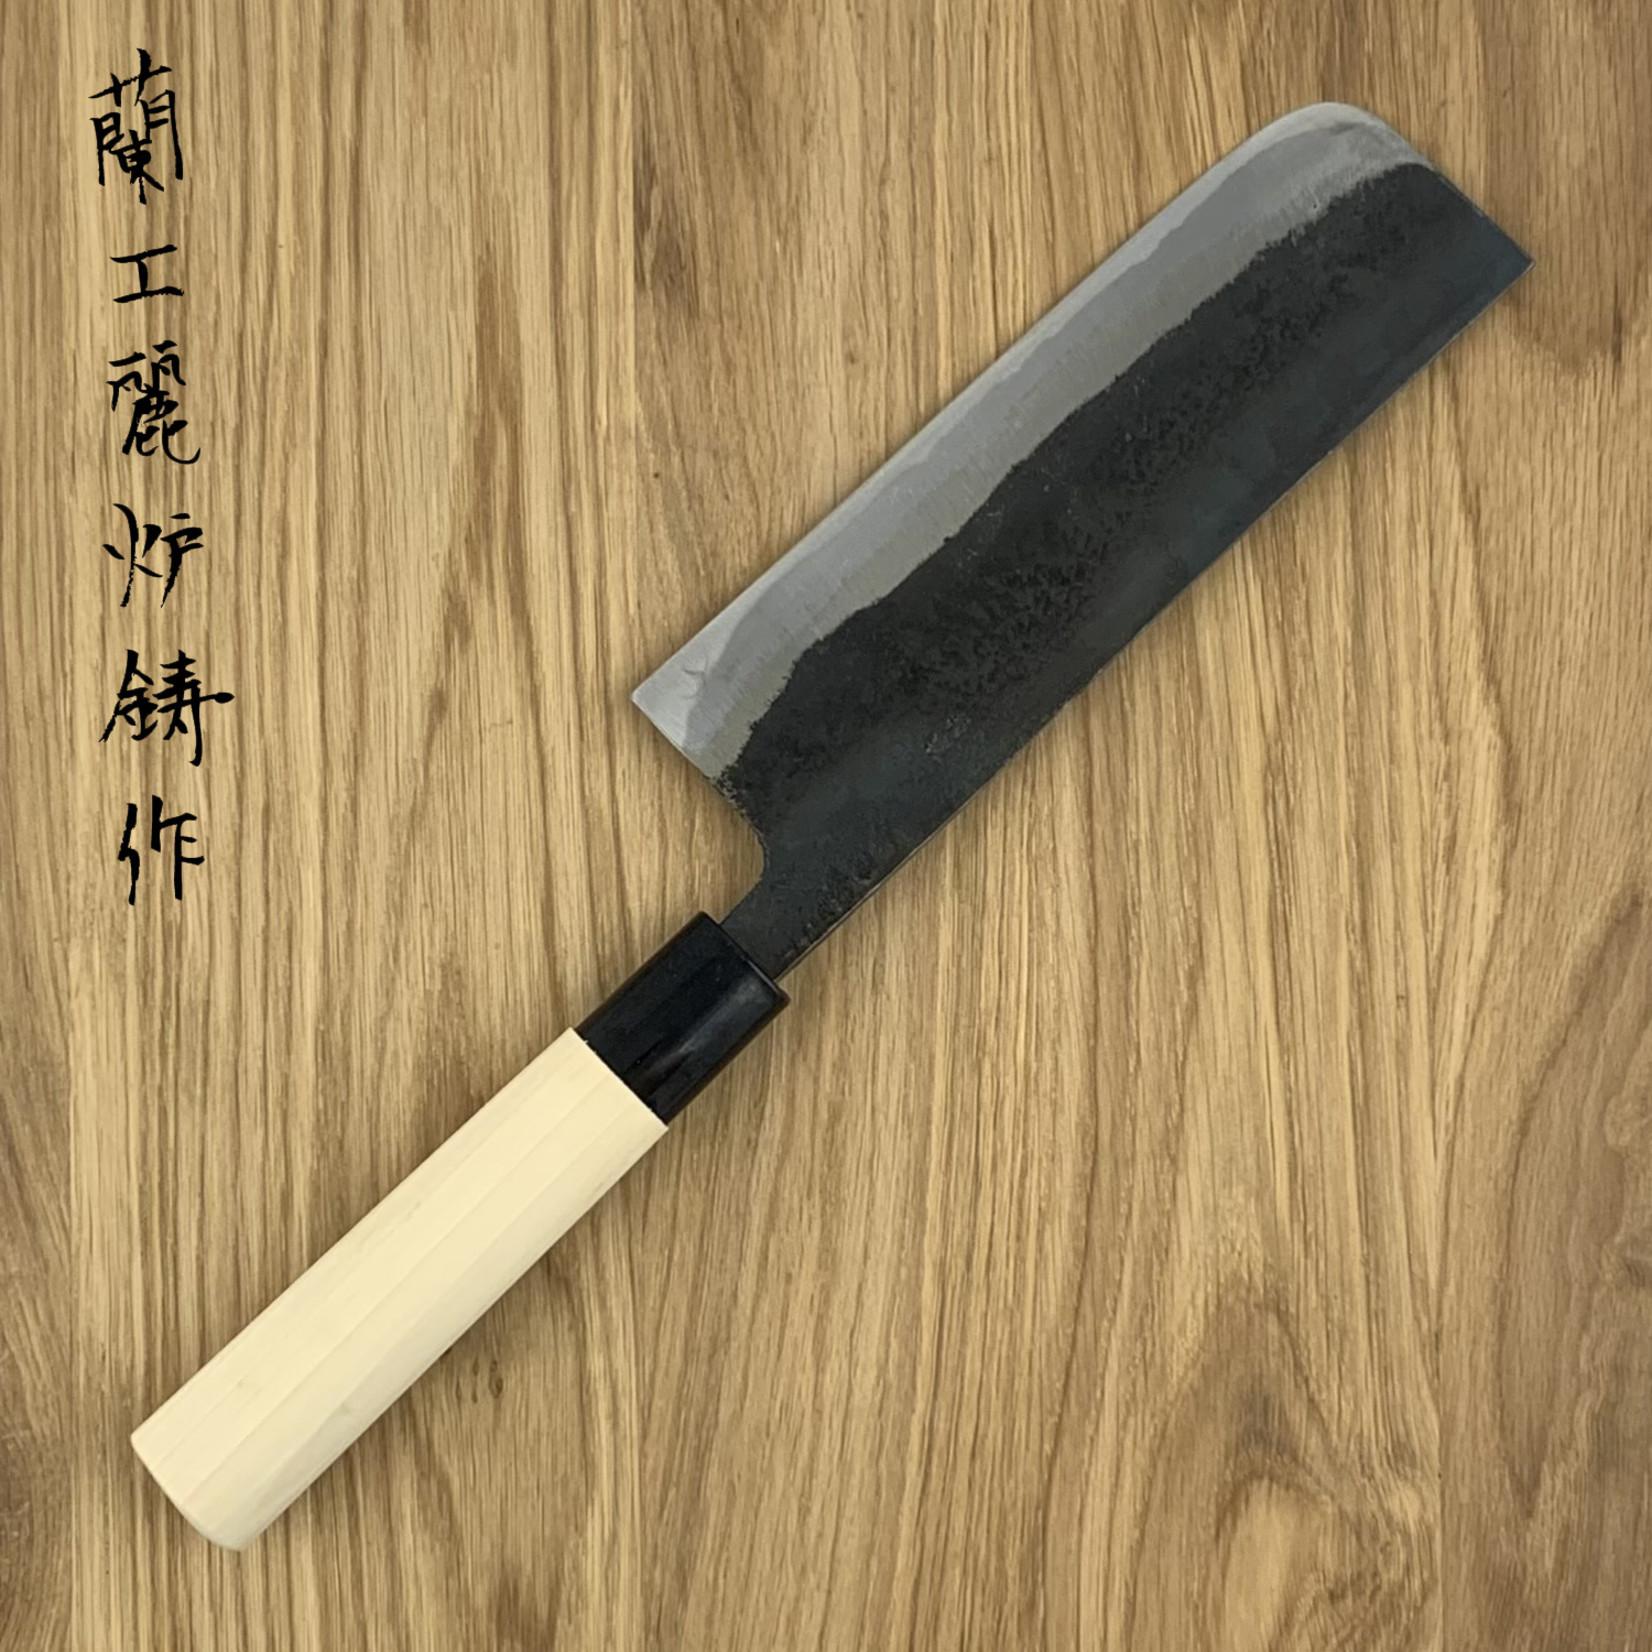 SAKAI TAKAYUKI Nakiri 160 mm SK 07321